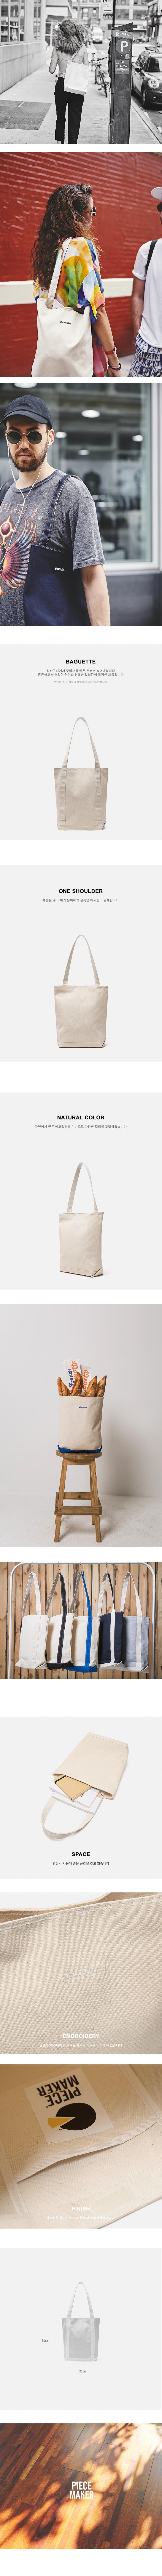 BAGUETTE SHOULDER BAG M (ECRU)32,000원-피스메이커패션잡화, 가방, 캔버스/에코백, 심플캔버스백바보사랑BAGUETTE SHOULDER BAG M (ECRU)32,000원-피스메이커패션잡화, 가방, 캔버스/에코백, 심플캔버스백바보사랑